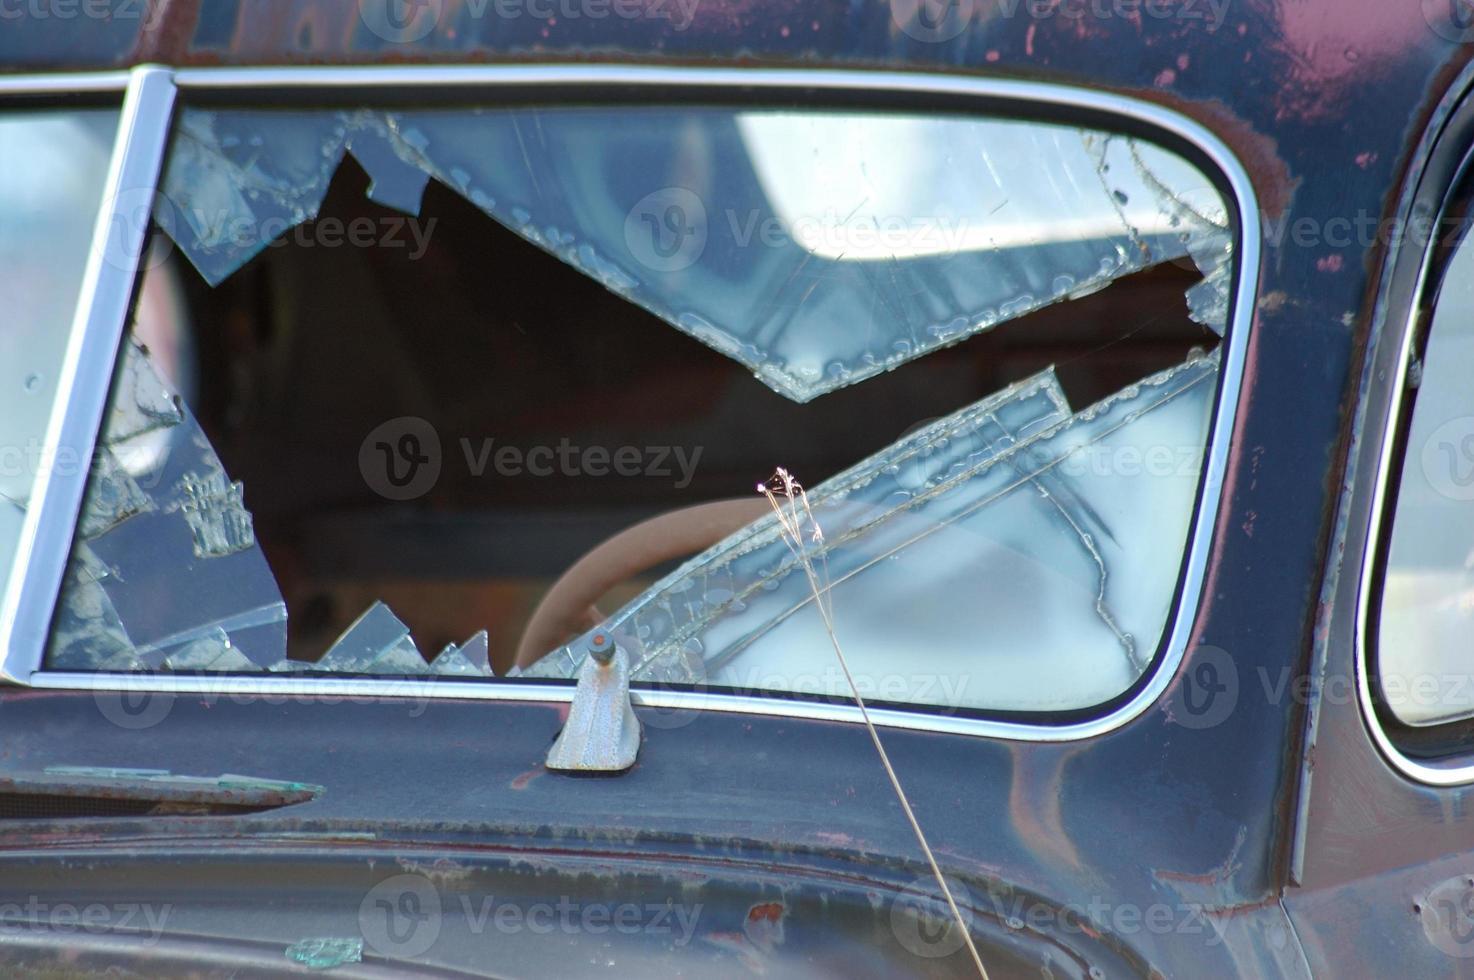 klassieke auto wrak - gebroken raam foto